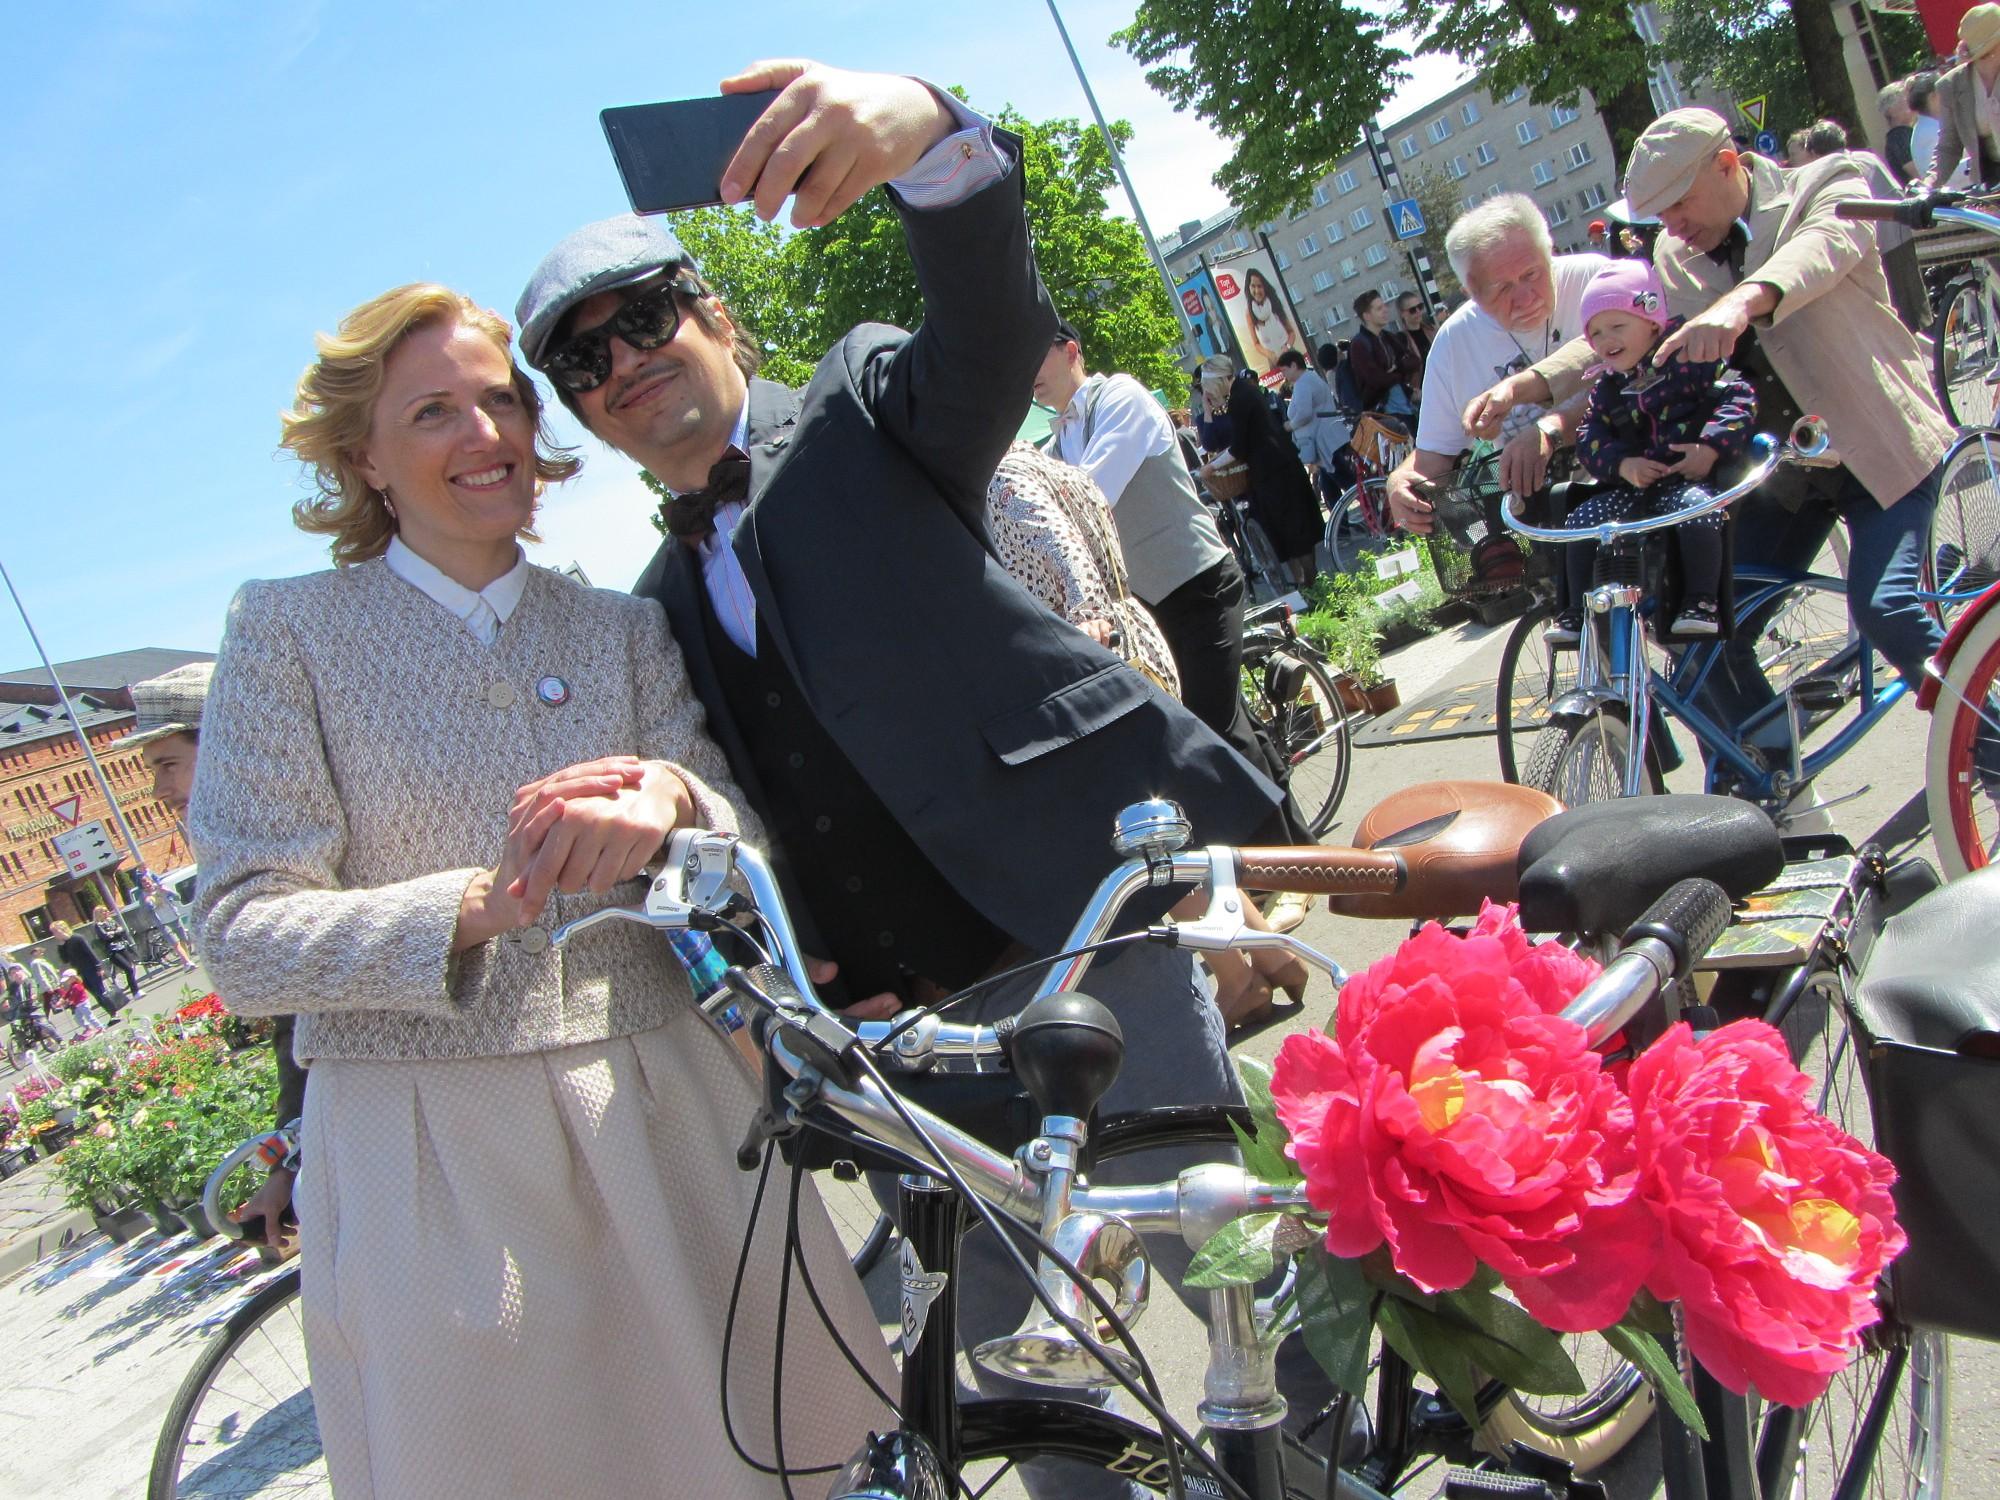 Шарм твидового заезда привлек сотни велосипедистов